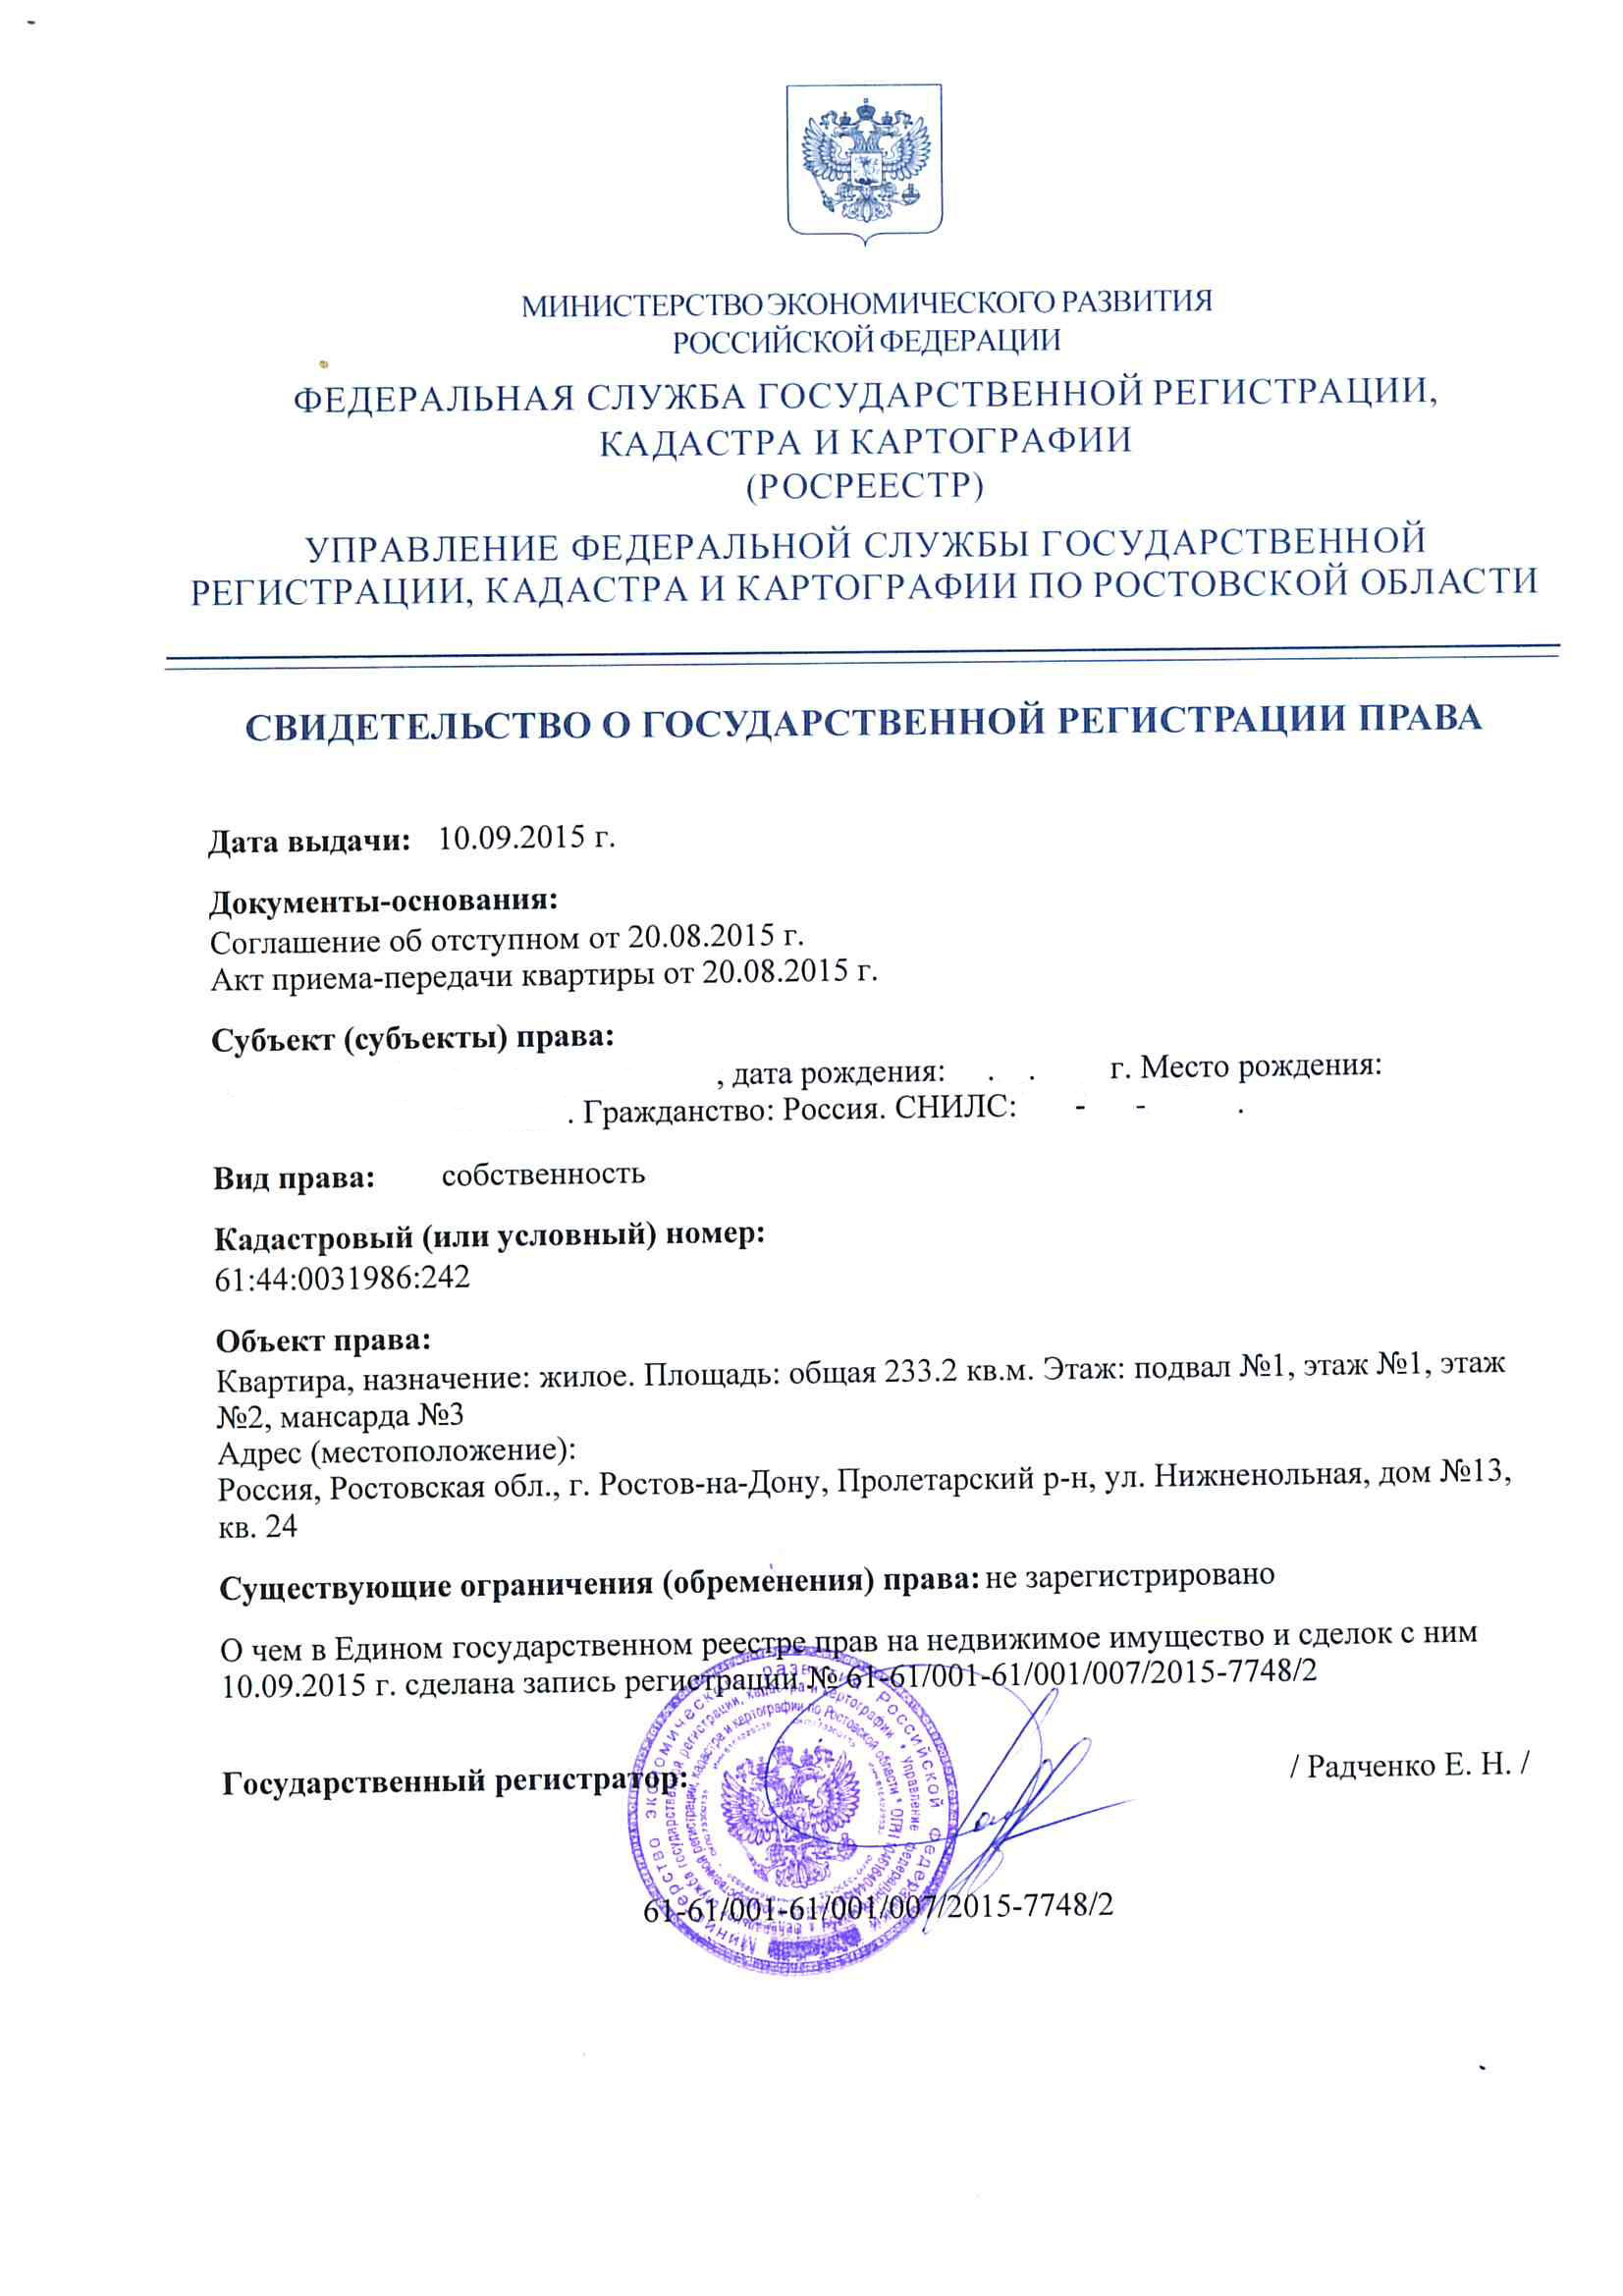 Свидетельство о гос регистрации квартира 24